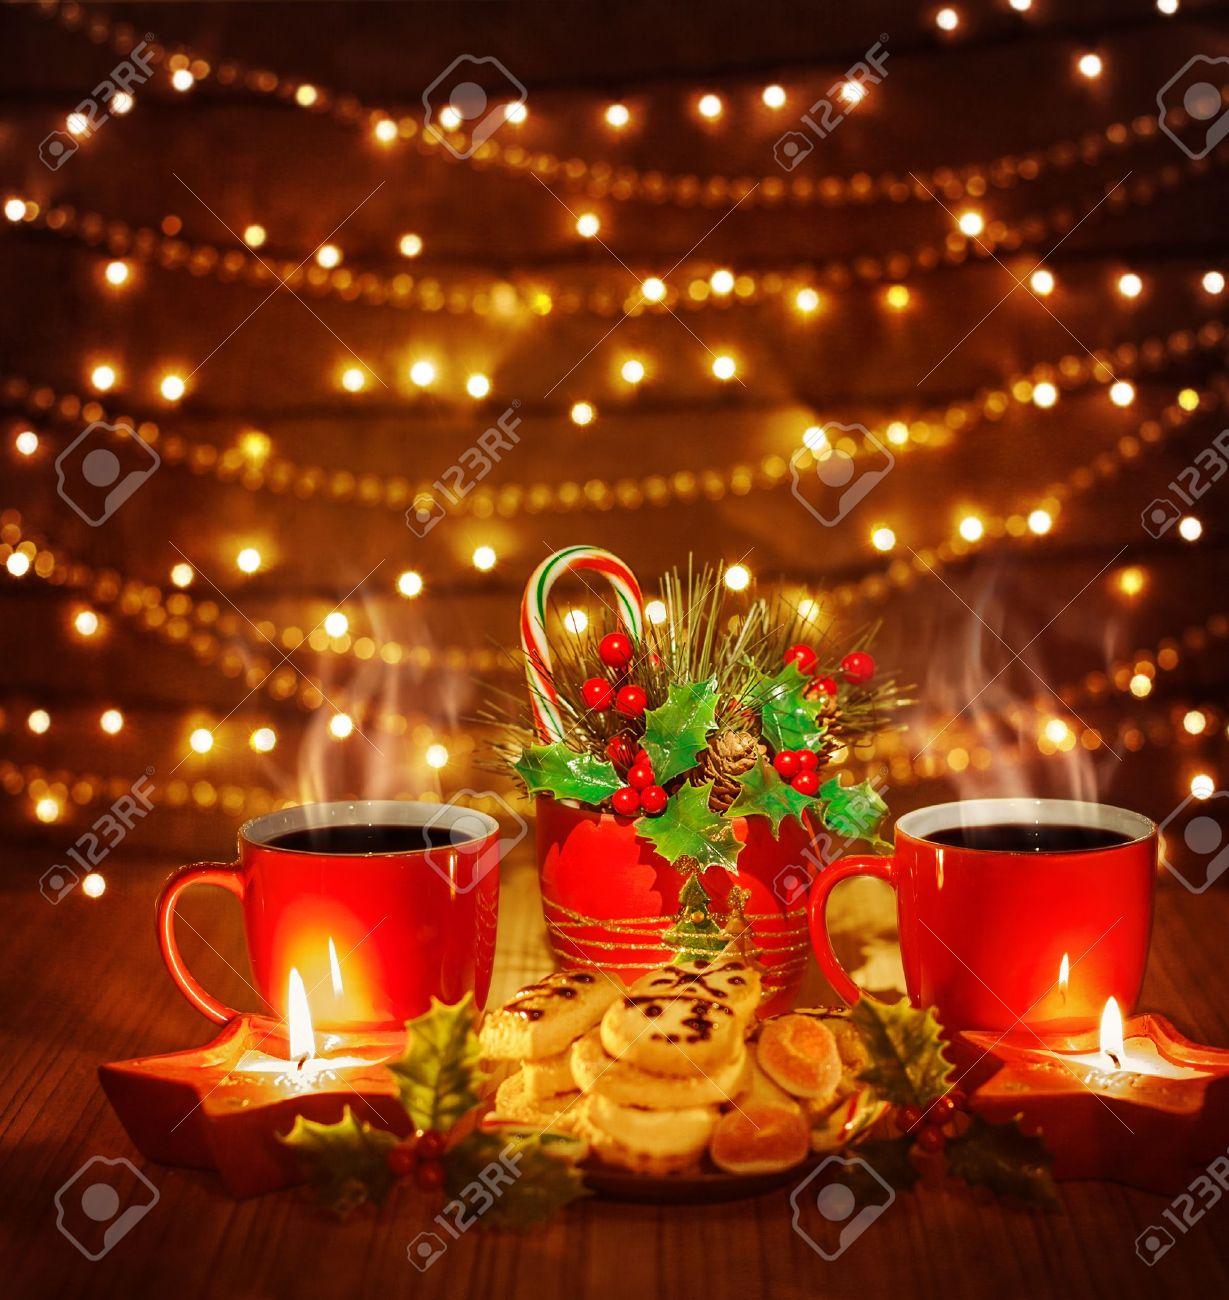 Immagini Belle Sul Natale.Foto Di Belle Natale Still Life Tazze Di Te Rosso Con Gustosi Biscotti Fatti In Casa E Candele Sul Tavolo In Legno Su Sfondo Marrone Lucido